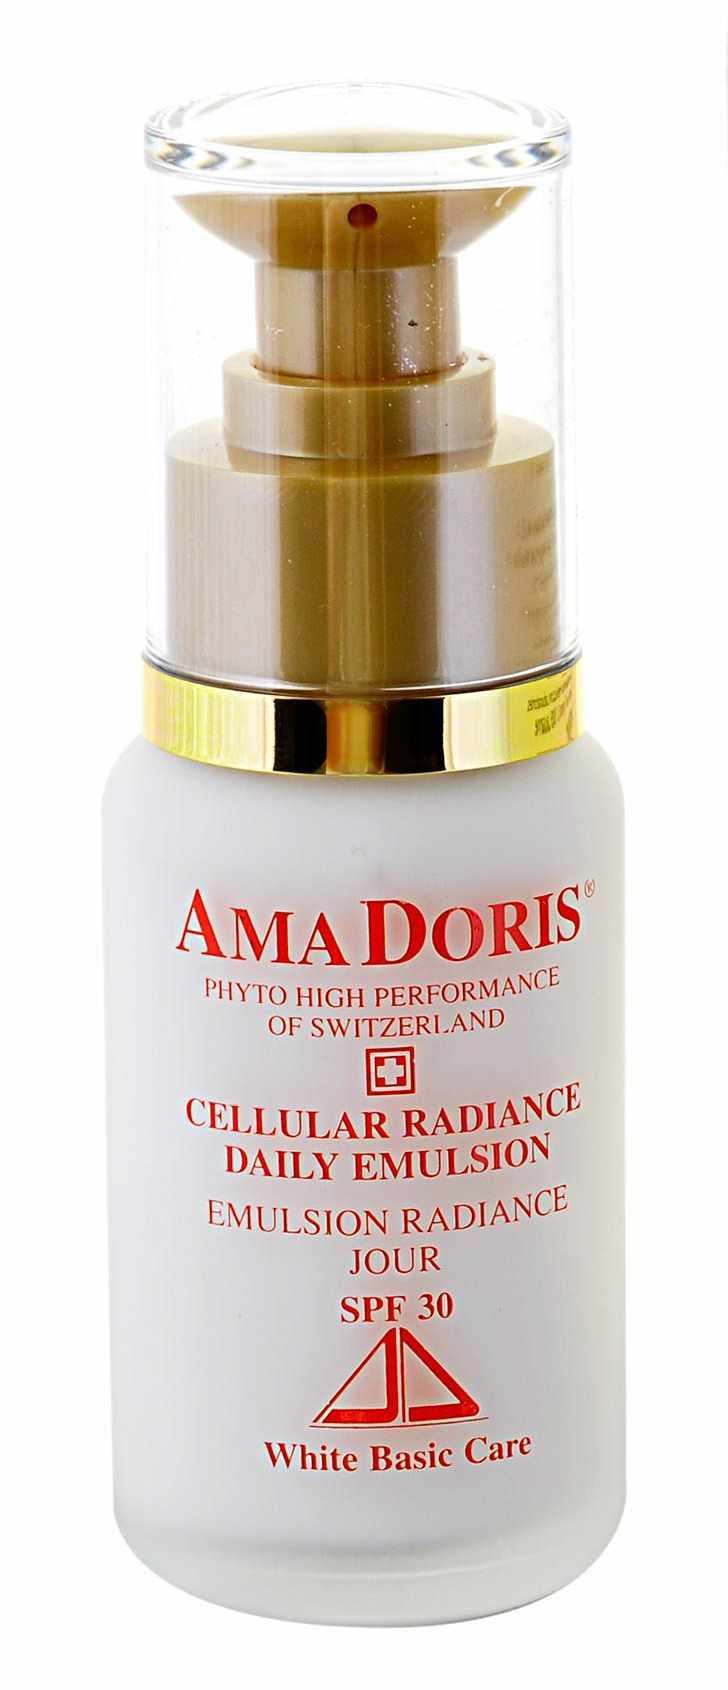 AMADORIS Крем защищающий на клеточном уровне для смешанной и жирной кожи дневной SPF30 50млКремы<br>Базирующаяся на высокоэффективном клеточном комплексе растительного происхождения и регенерирующих витаминах эмульсия предназначена для смешанной и жирной кожи и регулирует состояние секреции сальных желез. Значительно улучшает цвет лица, придает коже великолепное сияние и лучистость. Насыщенная частичками- фильтрами эмульсия предотвращает проникновение на кожу опасных солнечных лучей (фактор защиты от солнца 30). Благодаря своей легкой структуре, является великолепной основой для дальнейшего нанесения макияжа. Активные ингредиенты:&amp;nbsp;Иммусель, витамины А, Е, солнечный фильтр против Альфа и Бета лучей, экстракты кардамона, смородинового листа. Насыщен гликопротеинами. Способ применения: Наносить каждое утро после очищения кожи и вбивать кончиками пальцев в кожу лица и шеи до полного впитывания эмульсии. Рекомендуется для увядающей проблемной кожи.<br><br>Время применения: Дневной